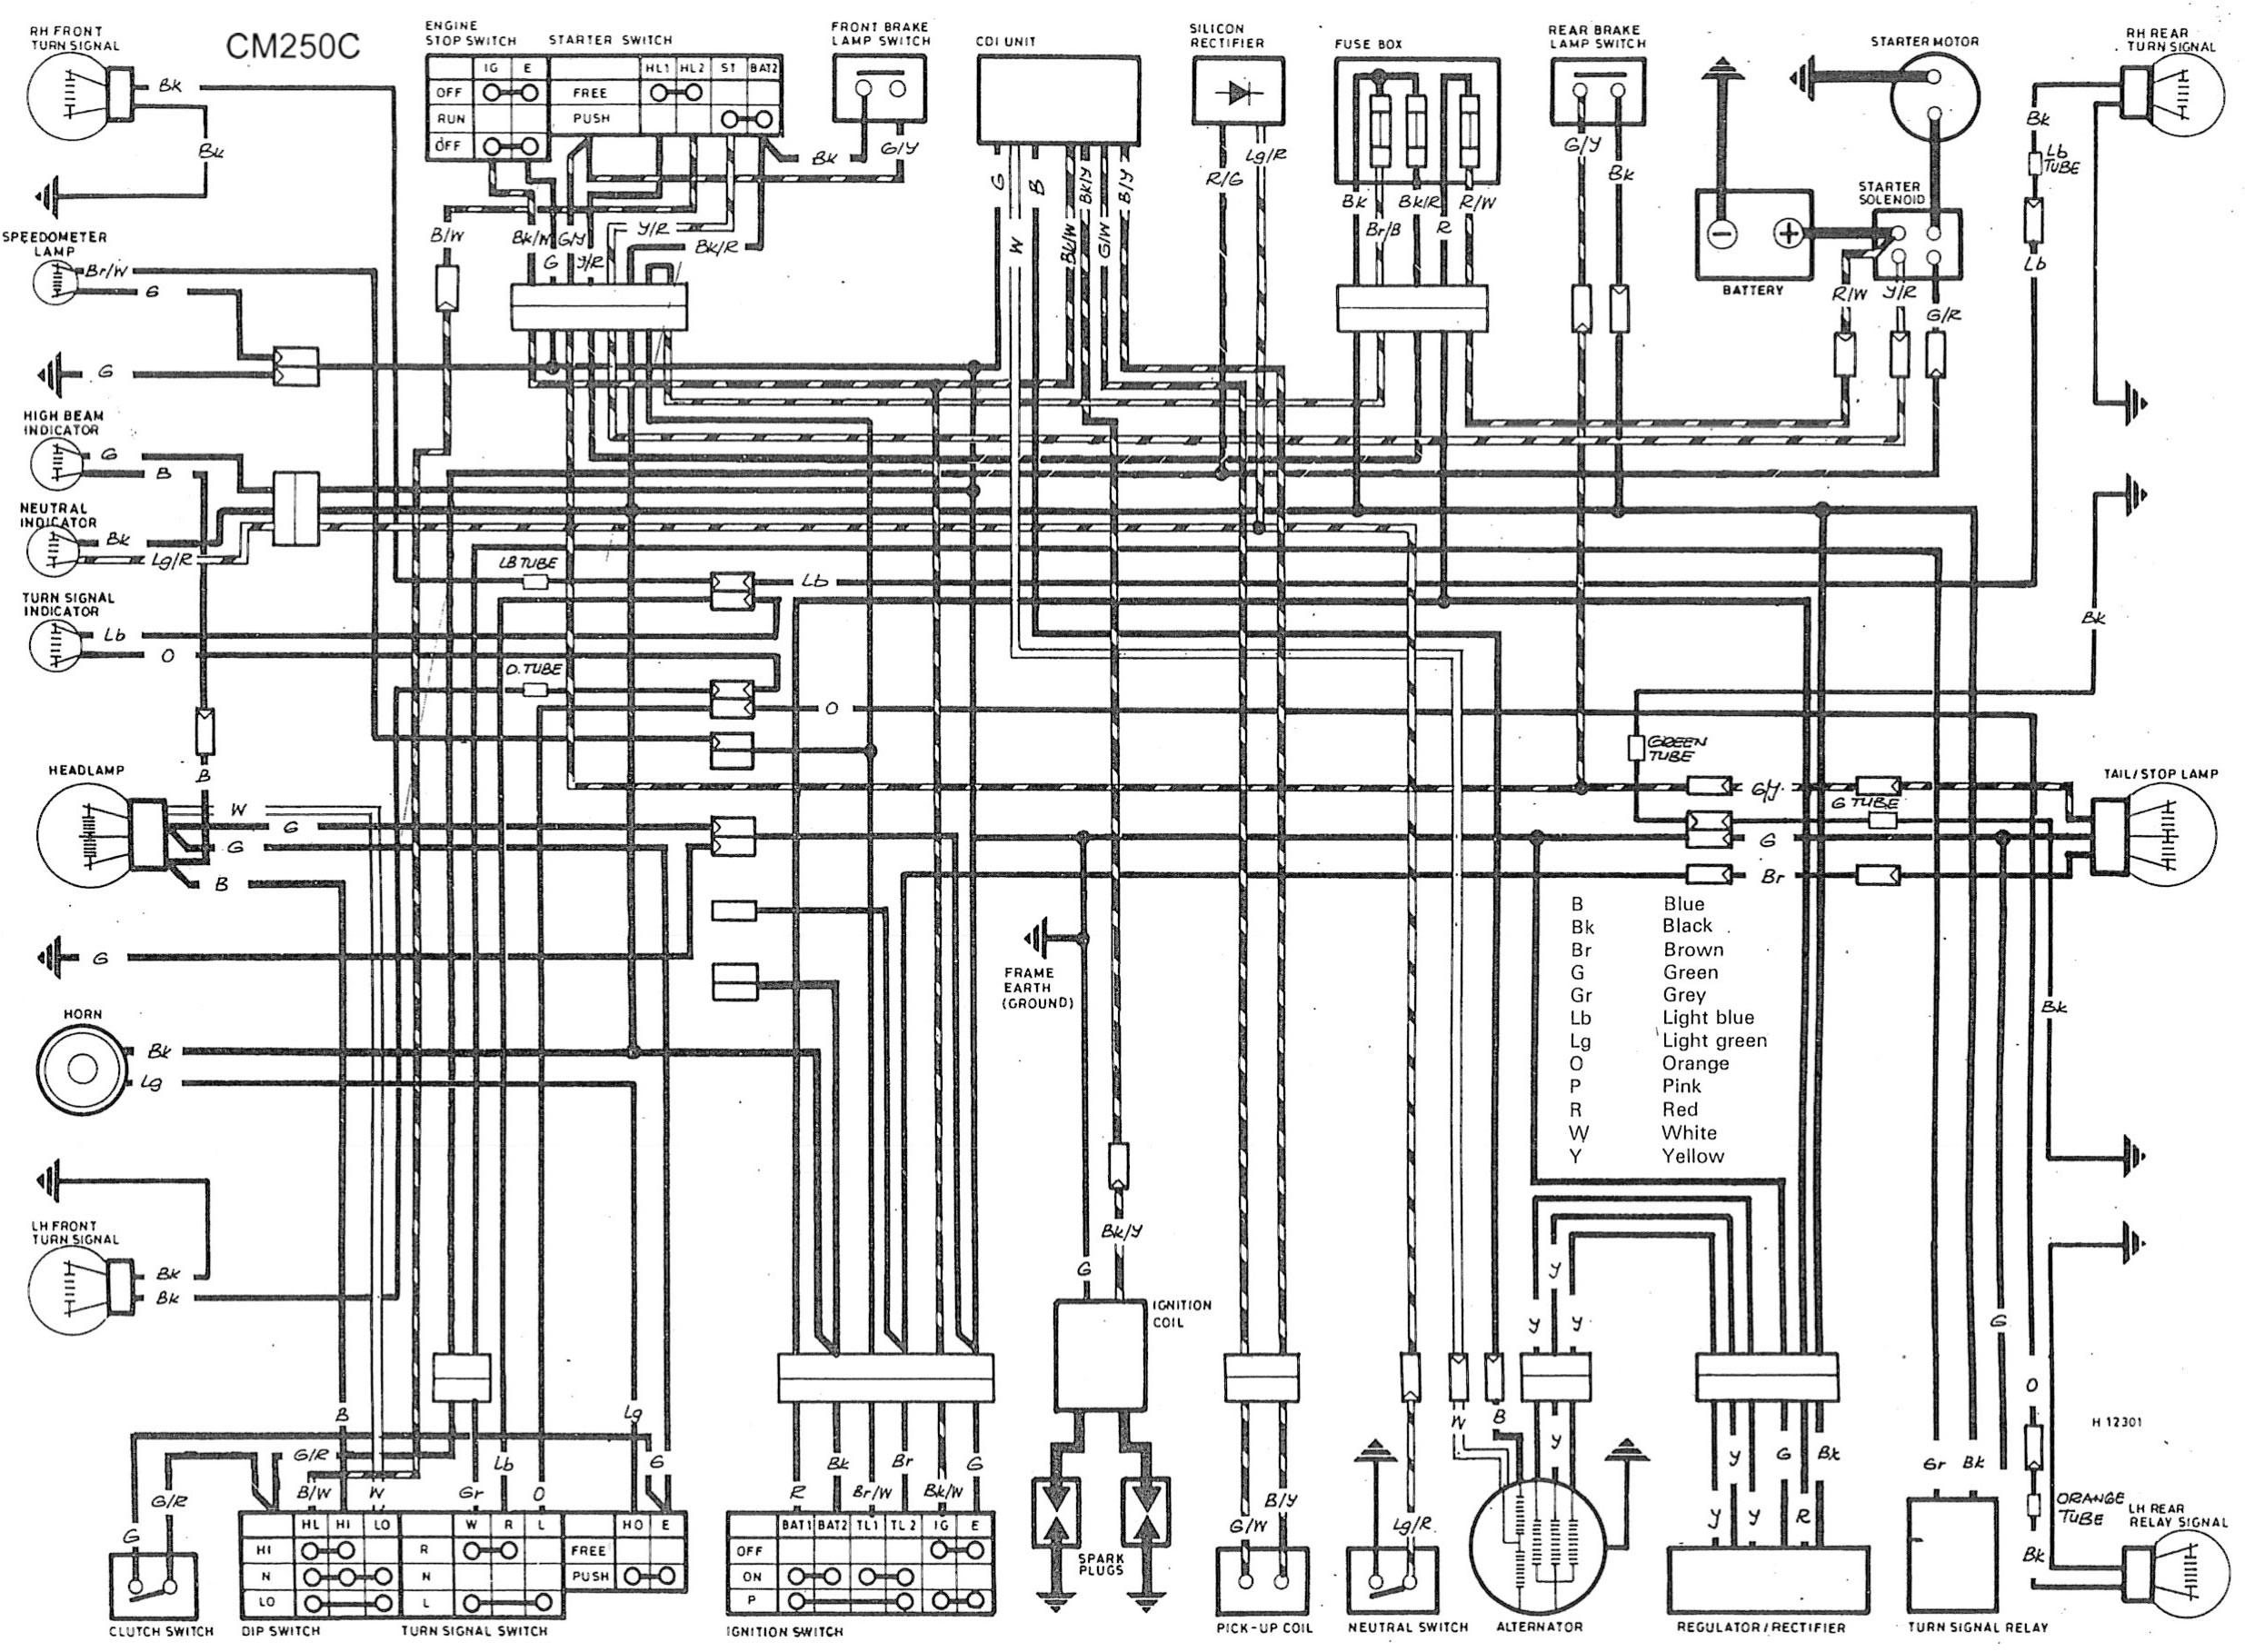 1981 Virago Wiring Diagram Schematics Schematic 1980 Yamaha Sr250 Xv750 Ignition Electrical 1996